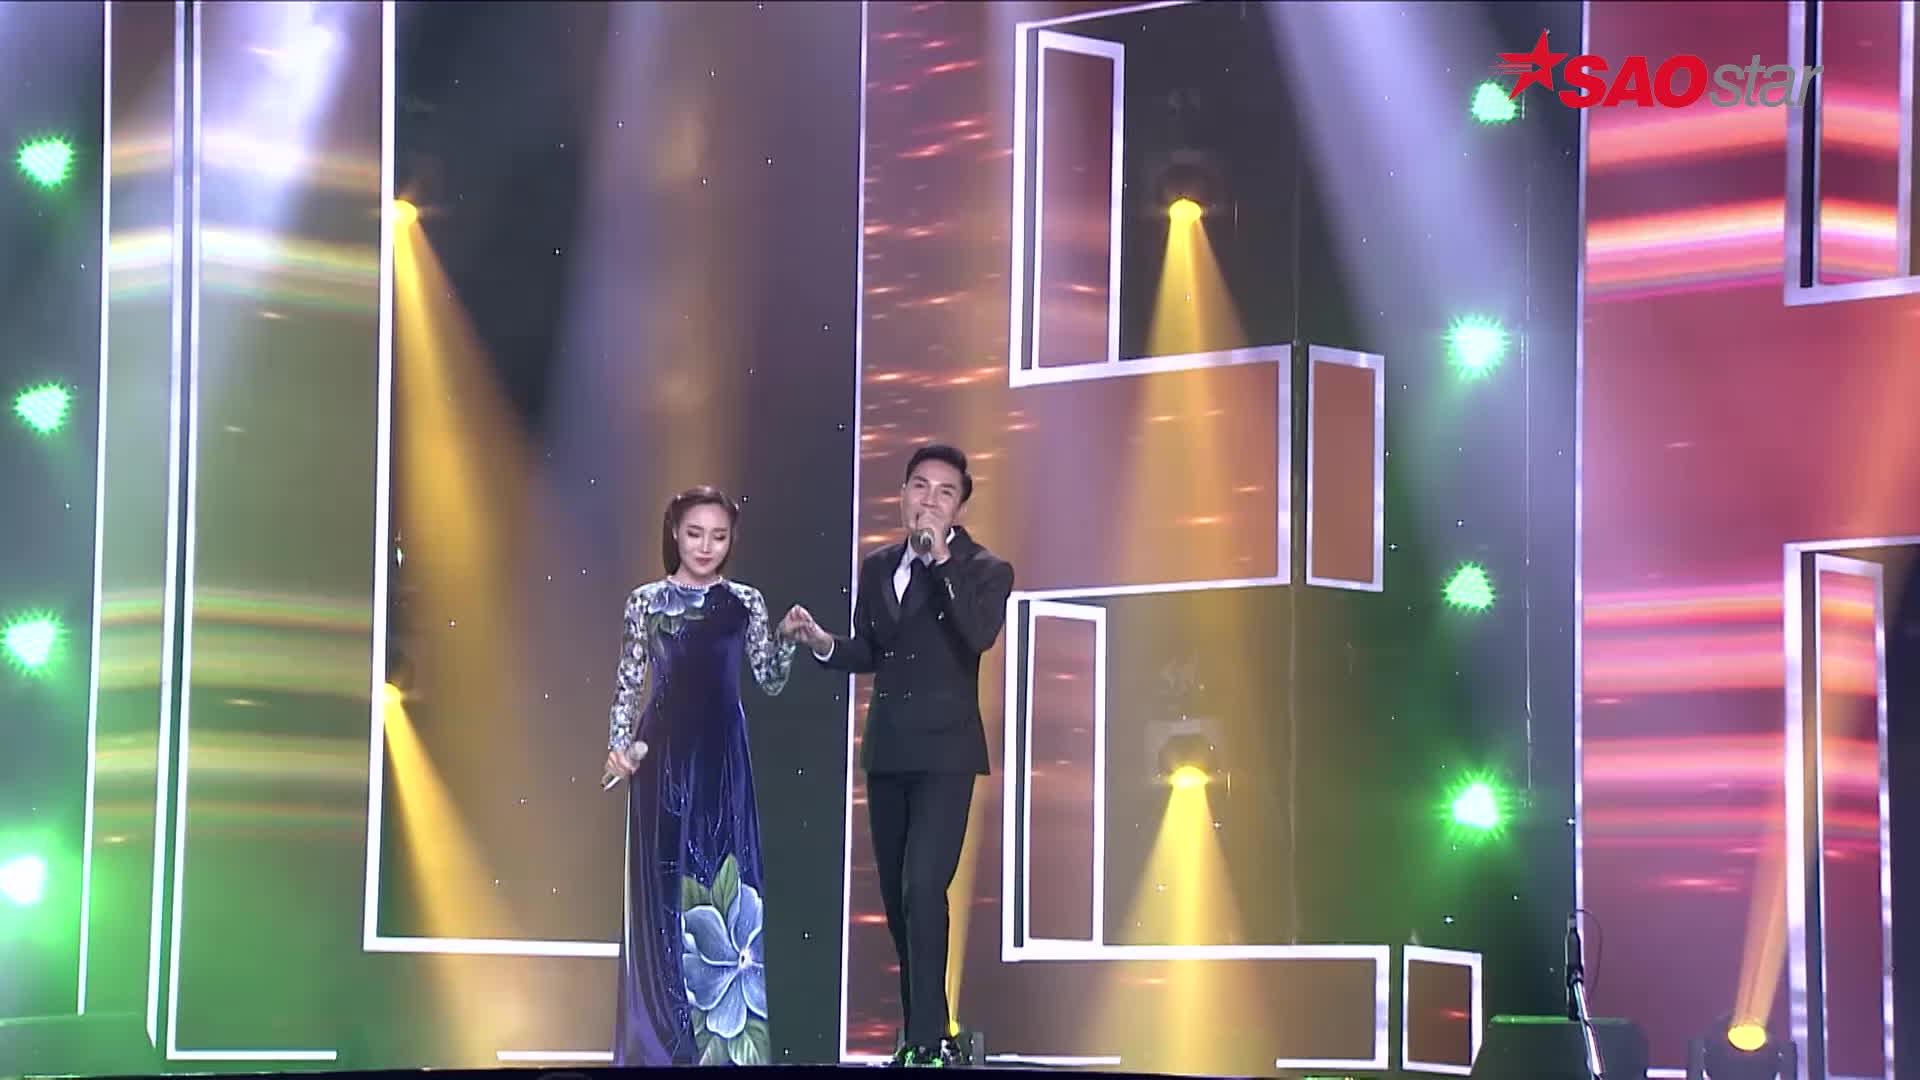 Lý Thu Thảo  Lưu Dũng kết hợp mùi mẫn trong ca khúc của HLV Quang Lê